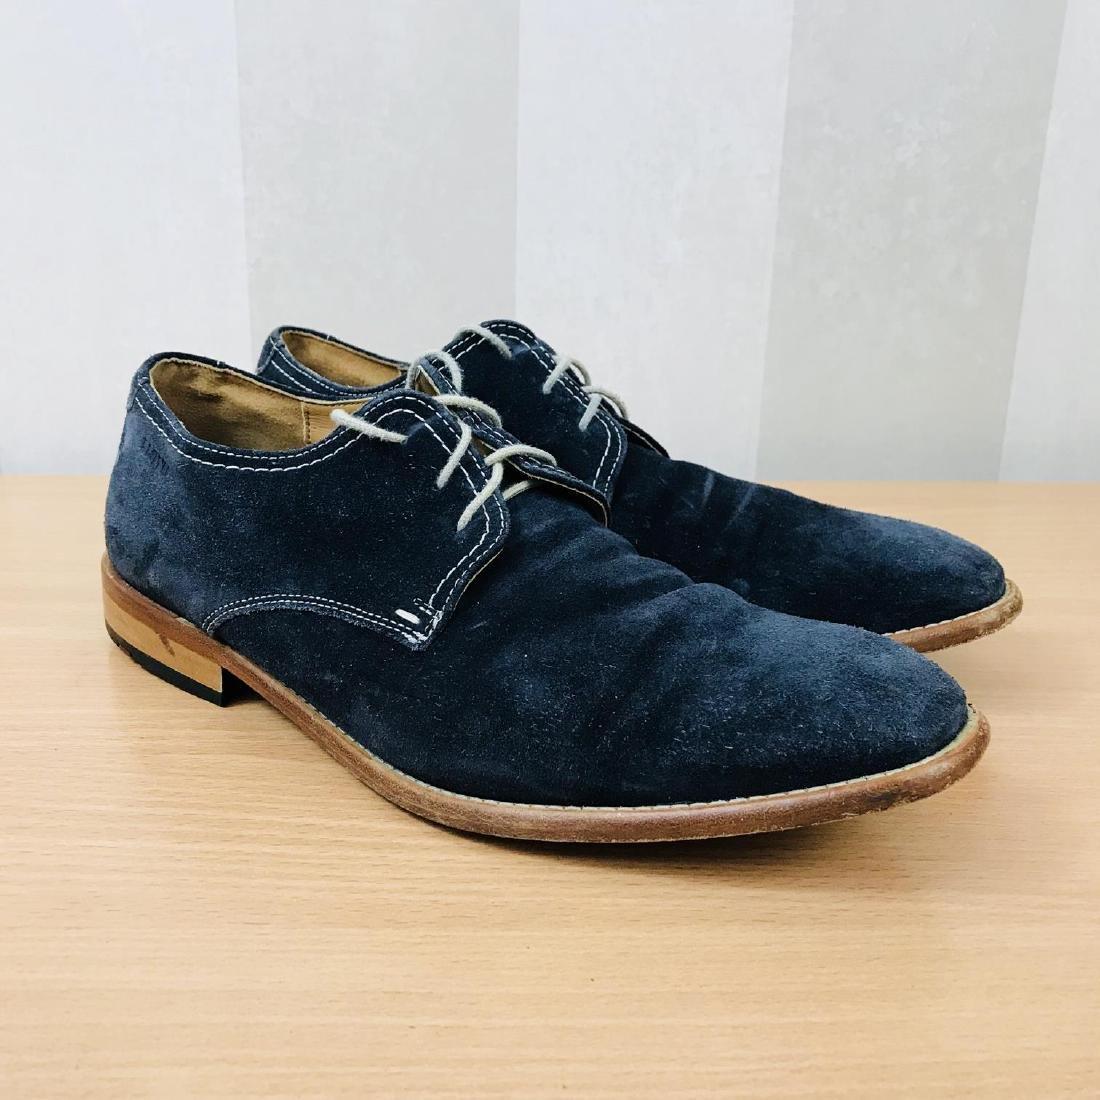 Vintage Men's LLOYD Suede Leather Shoes Size EUR 41 US